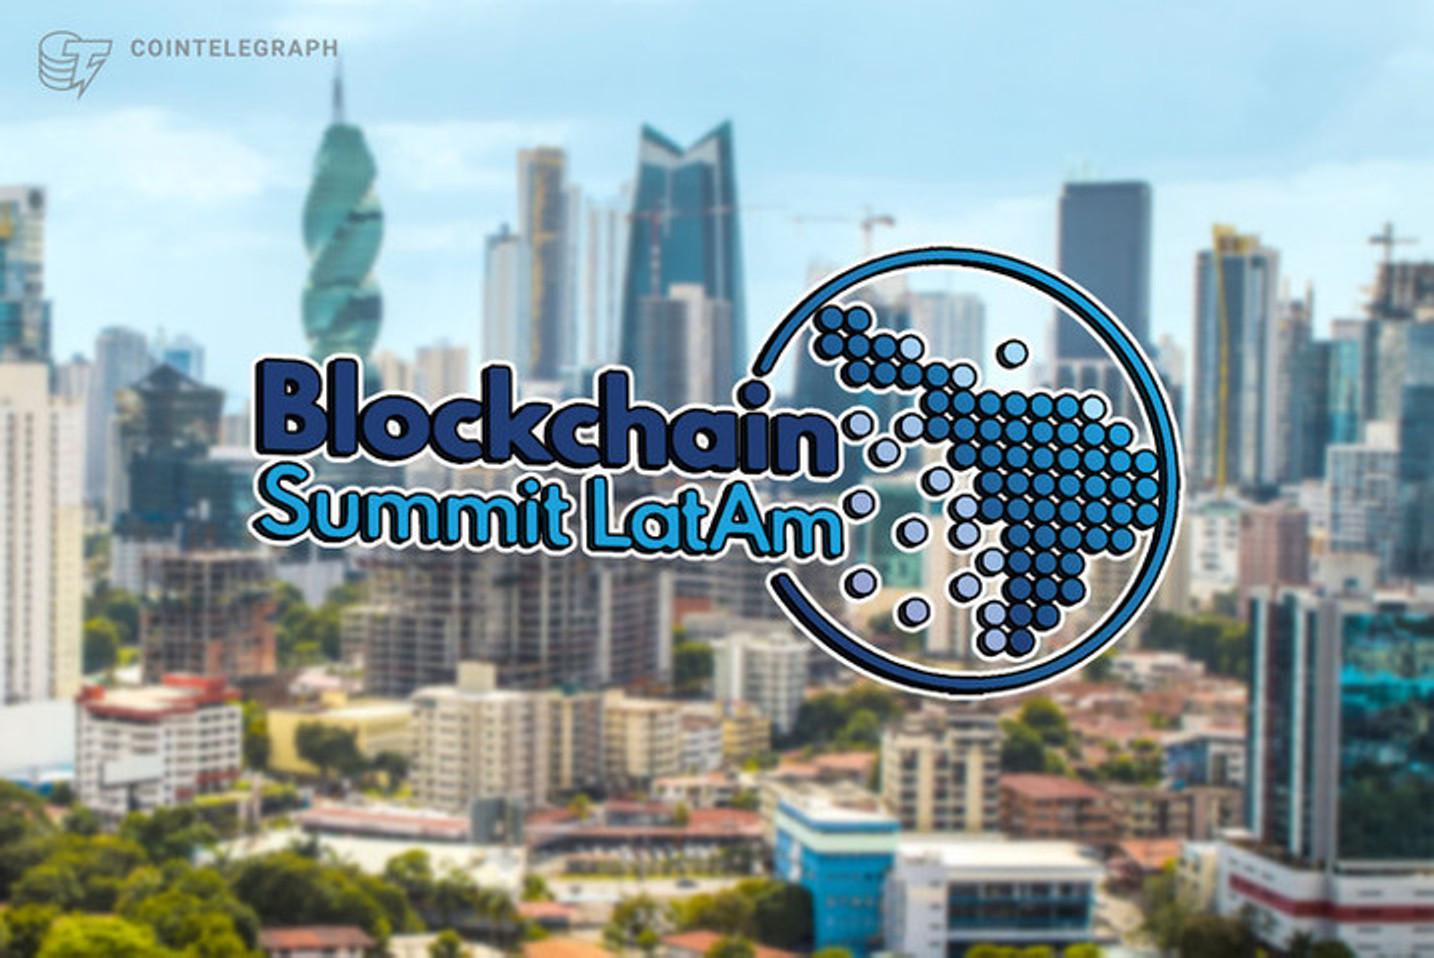 La cuarta edición de Blockchain Summit Latam se realizará del 2 al 6 de noviembre en formato online